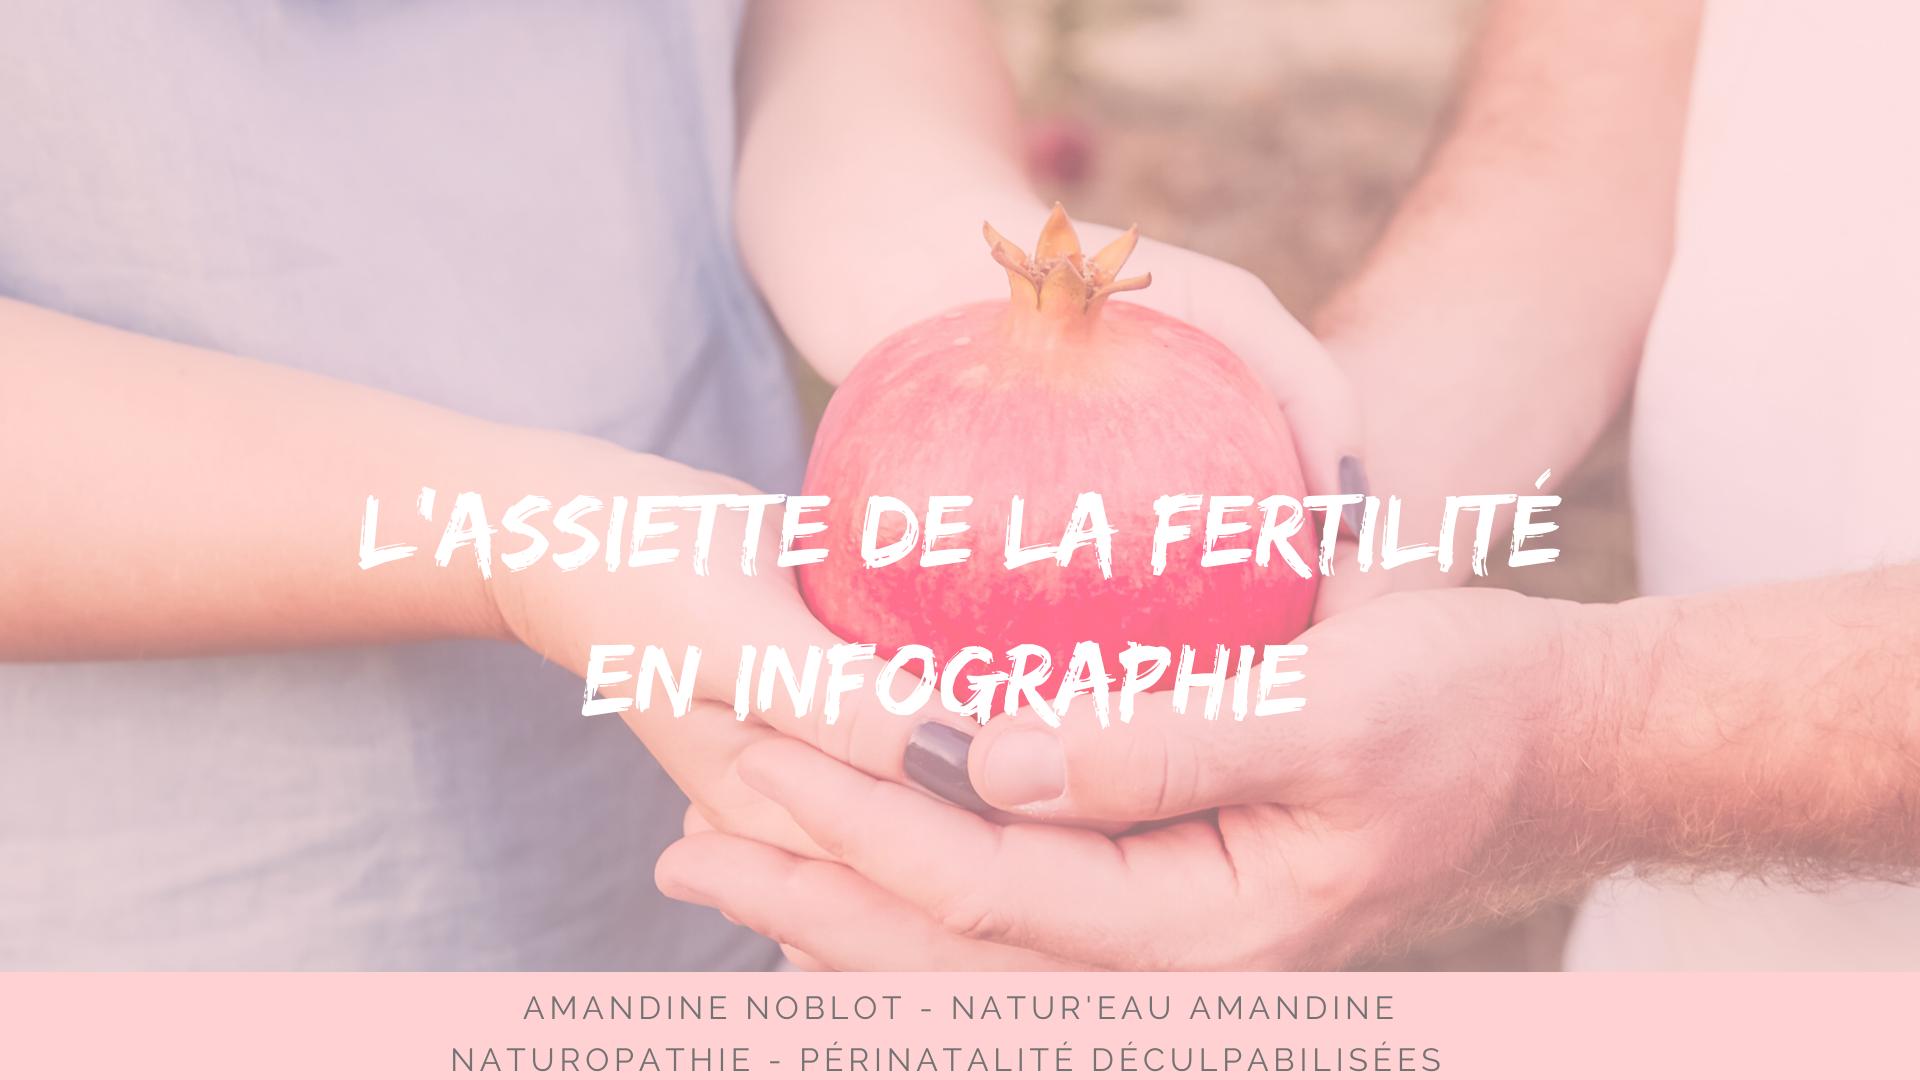 fertilité couple nutrition desirdenfant projet pma fiv bebe enfants parents naturopathie natureauamandine troyes aube france online